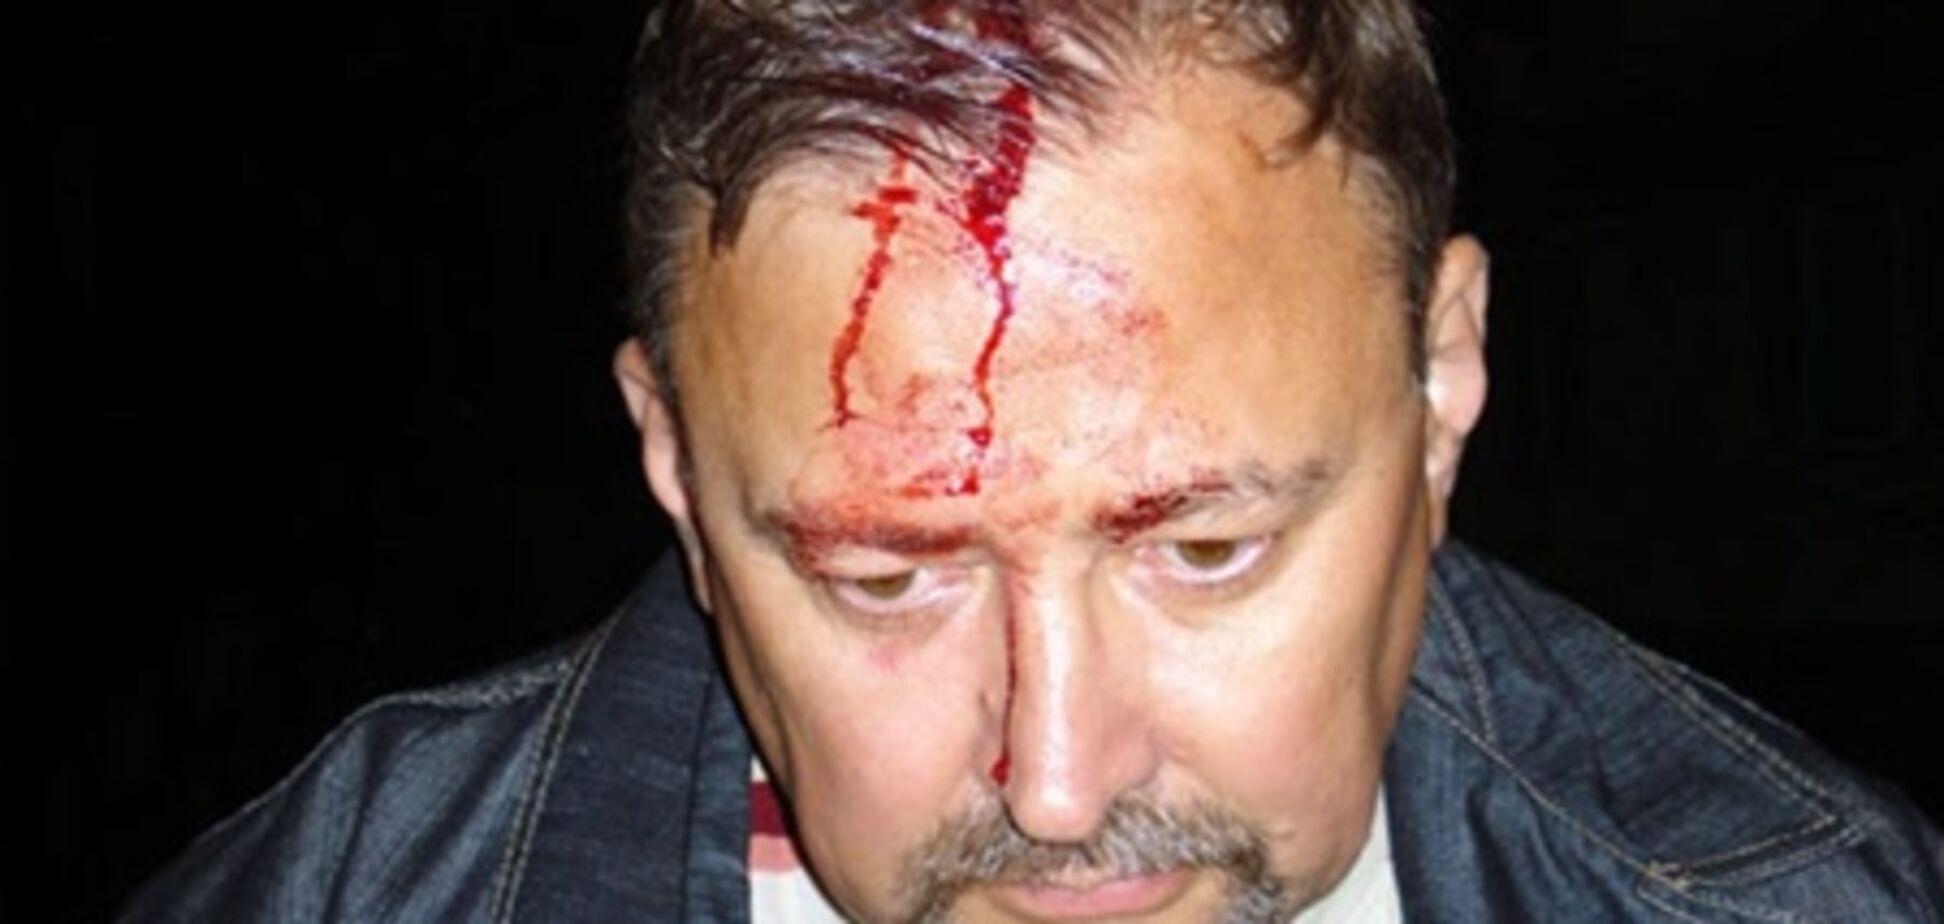 На Луганщине пытались убить главу штаба кандидата в нардепы